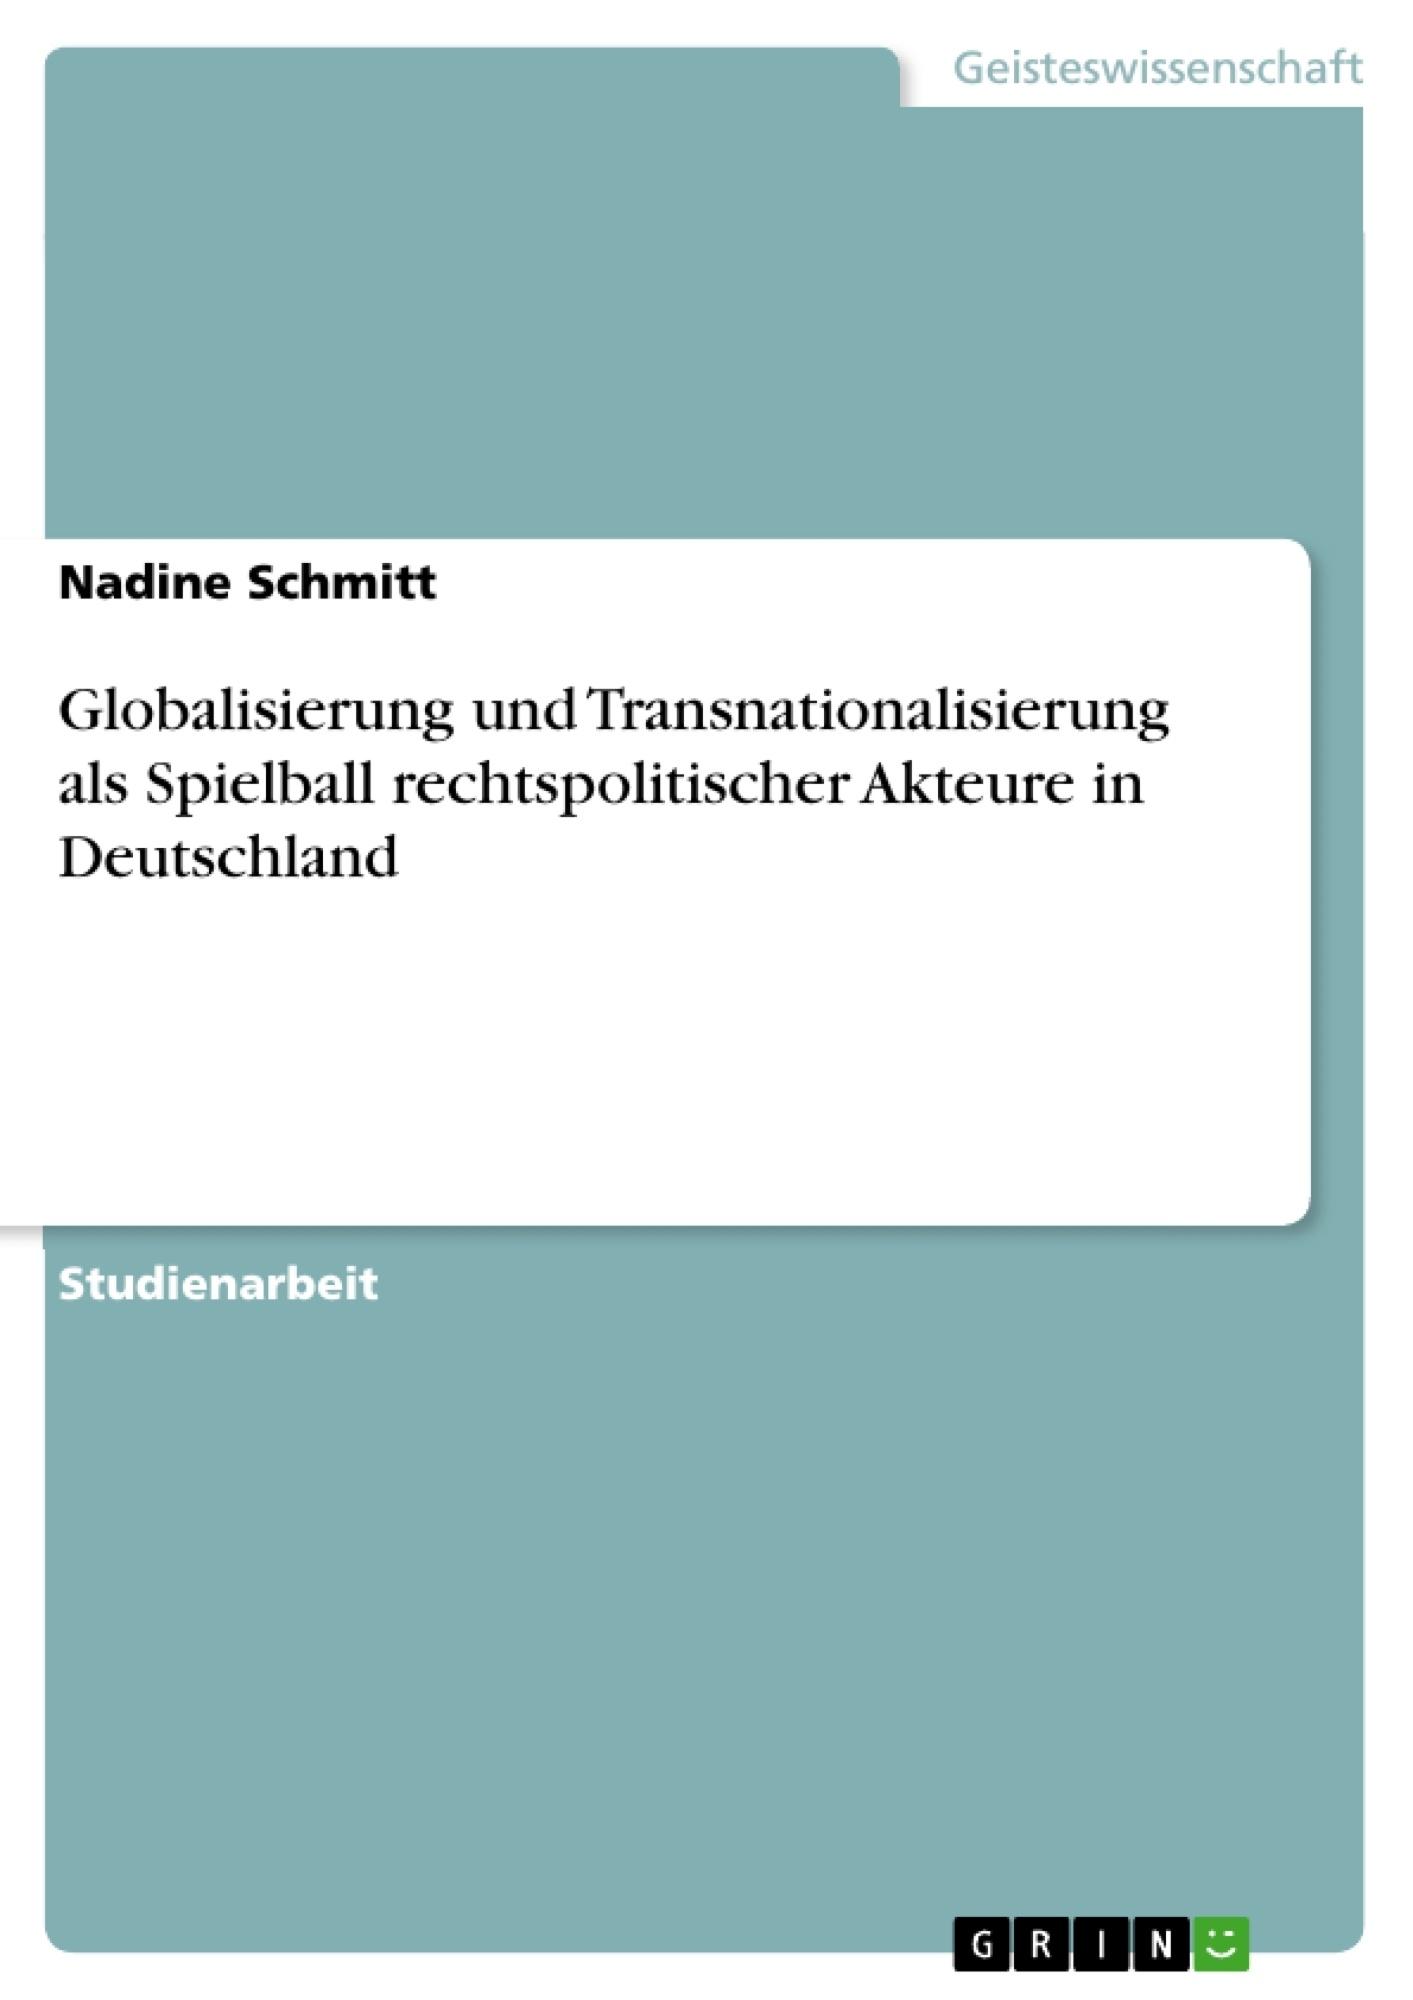 Titel: Globalisierung und Transnationalisierung als Spielball rechtspolitischer Akteure in Deutschland